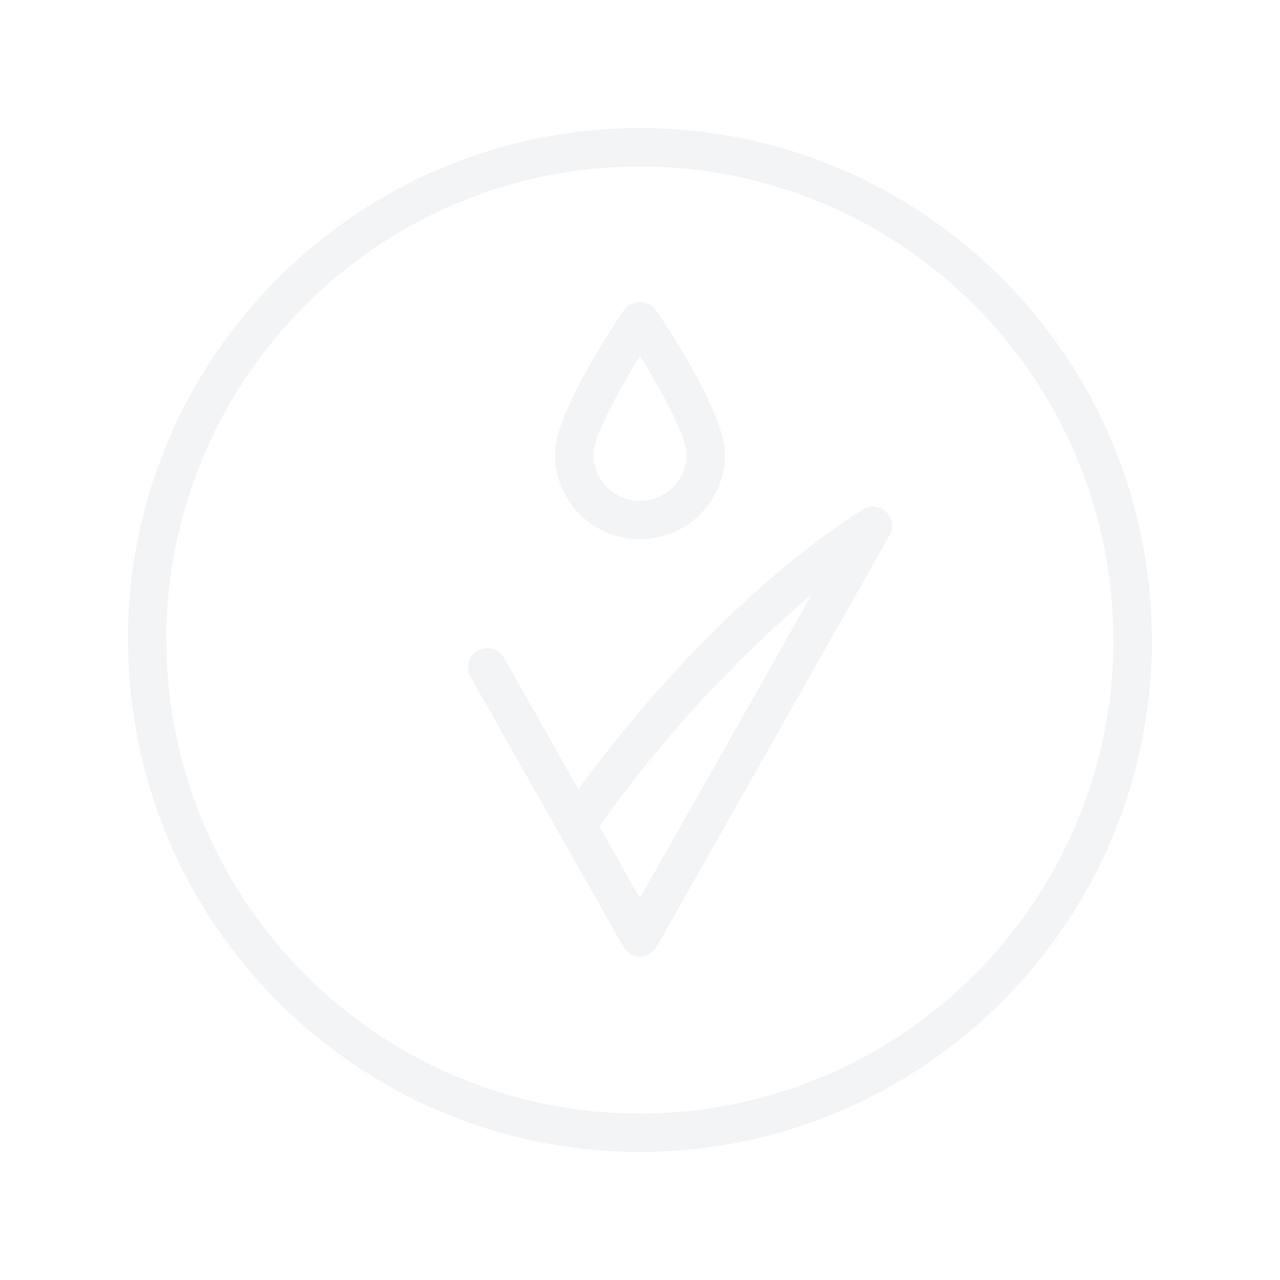 GUCCI Guilty Absolute Pour Femme 90ml Eau De Parfum Gift Set